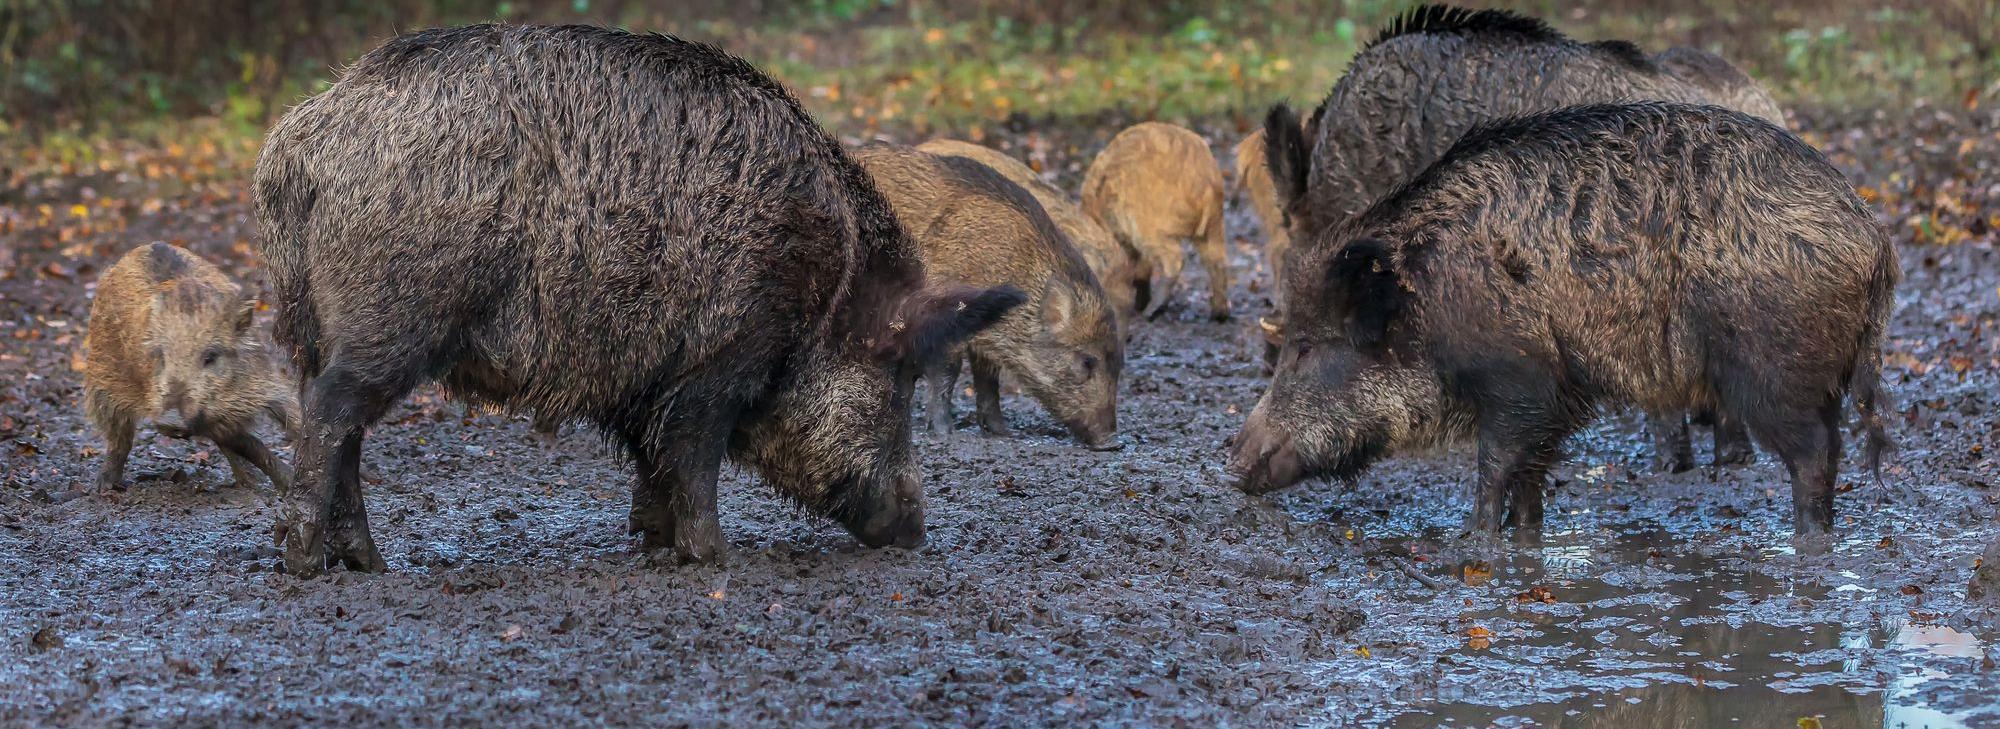 Rotte von Wildschweinen wildschwein.jpeg